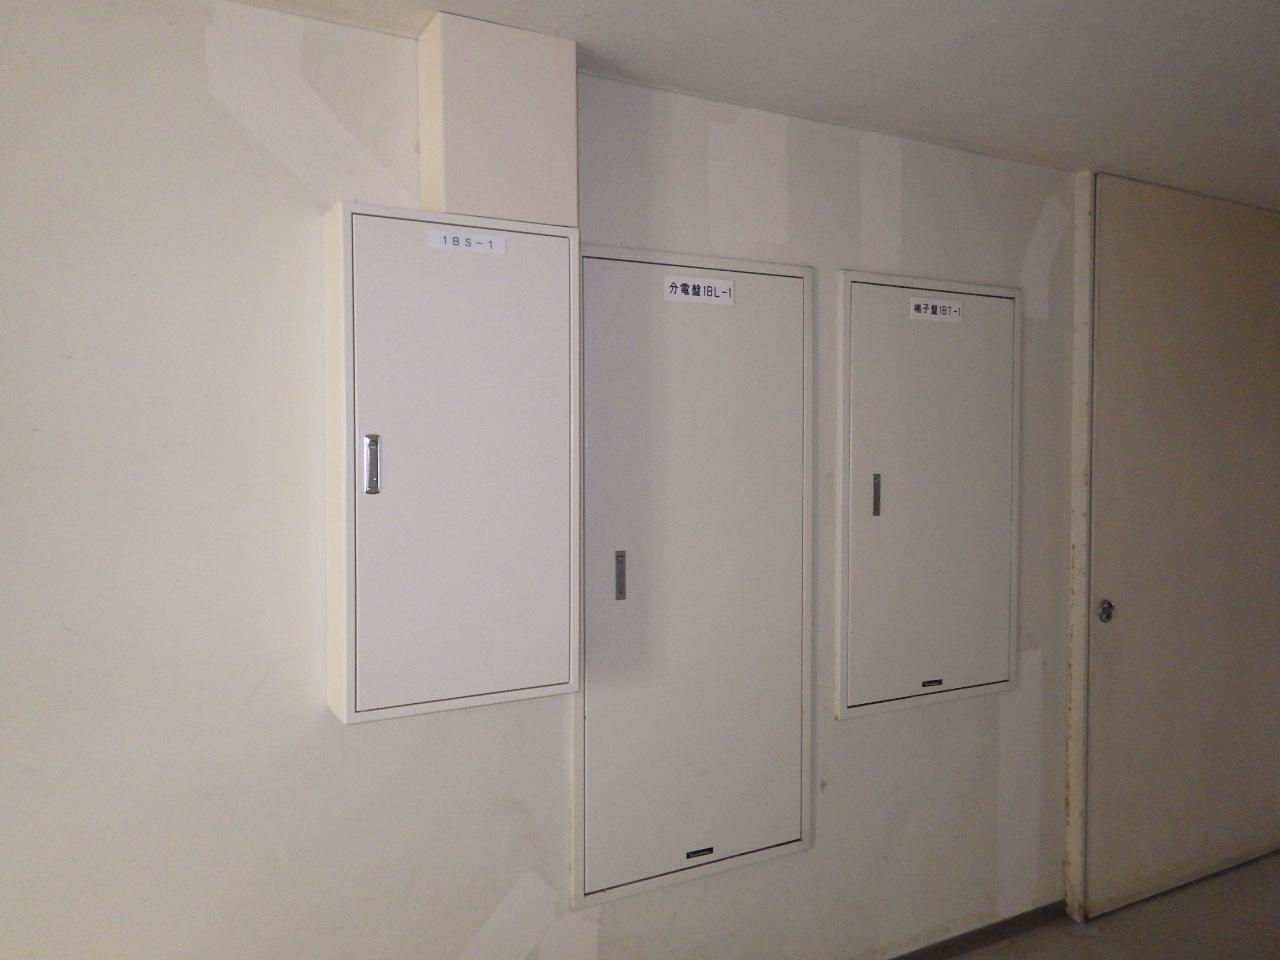 東北大学(三条1)国際交流会館受変電設備改修他電気設備工事